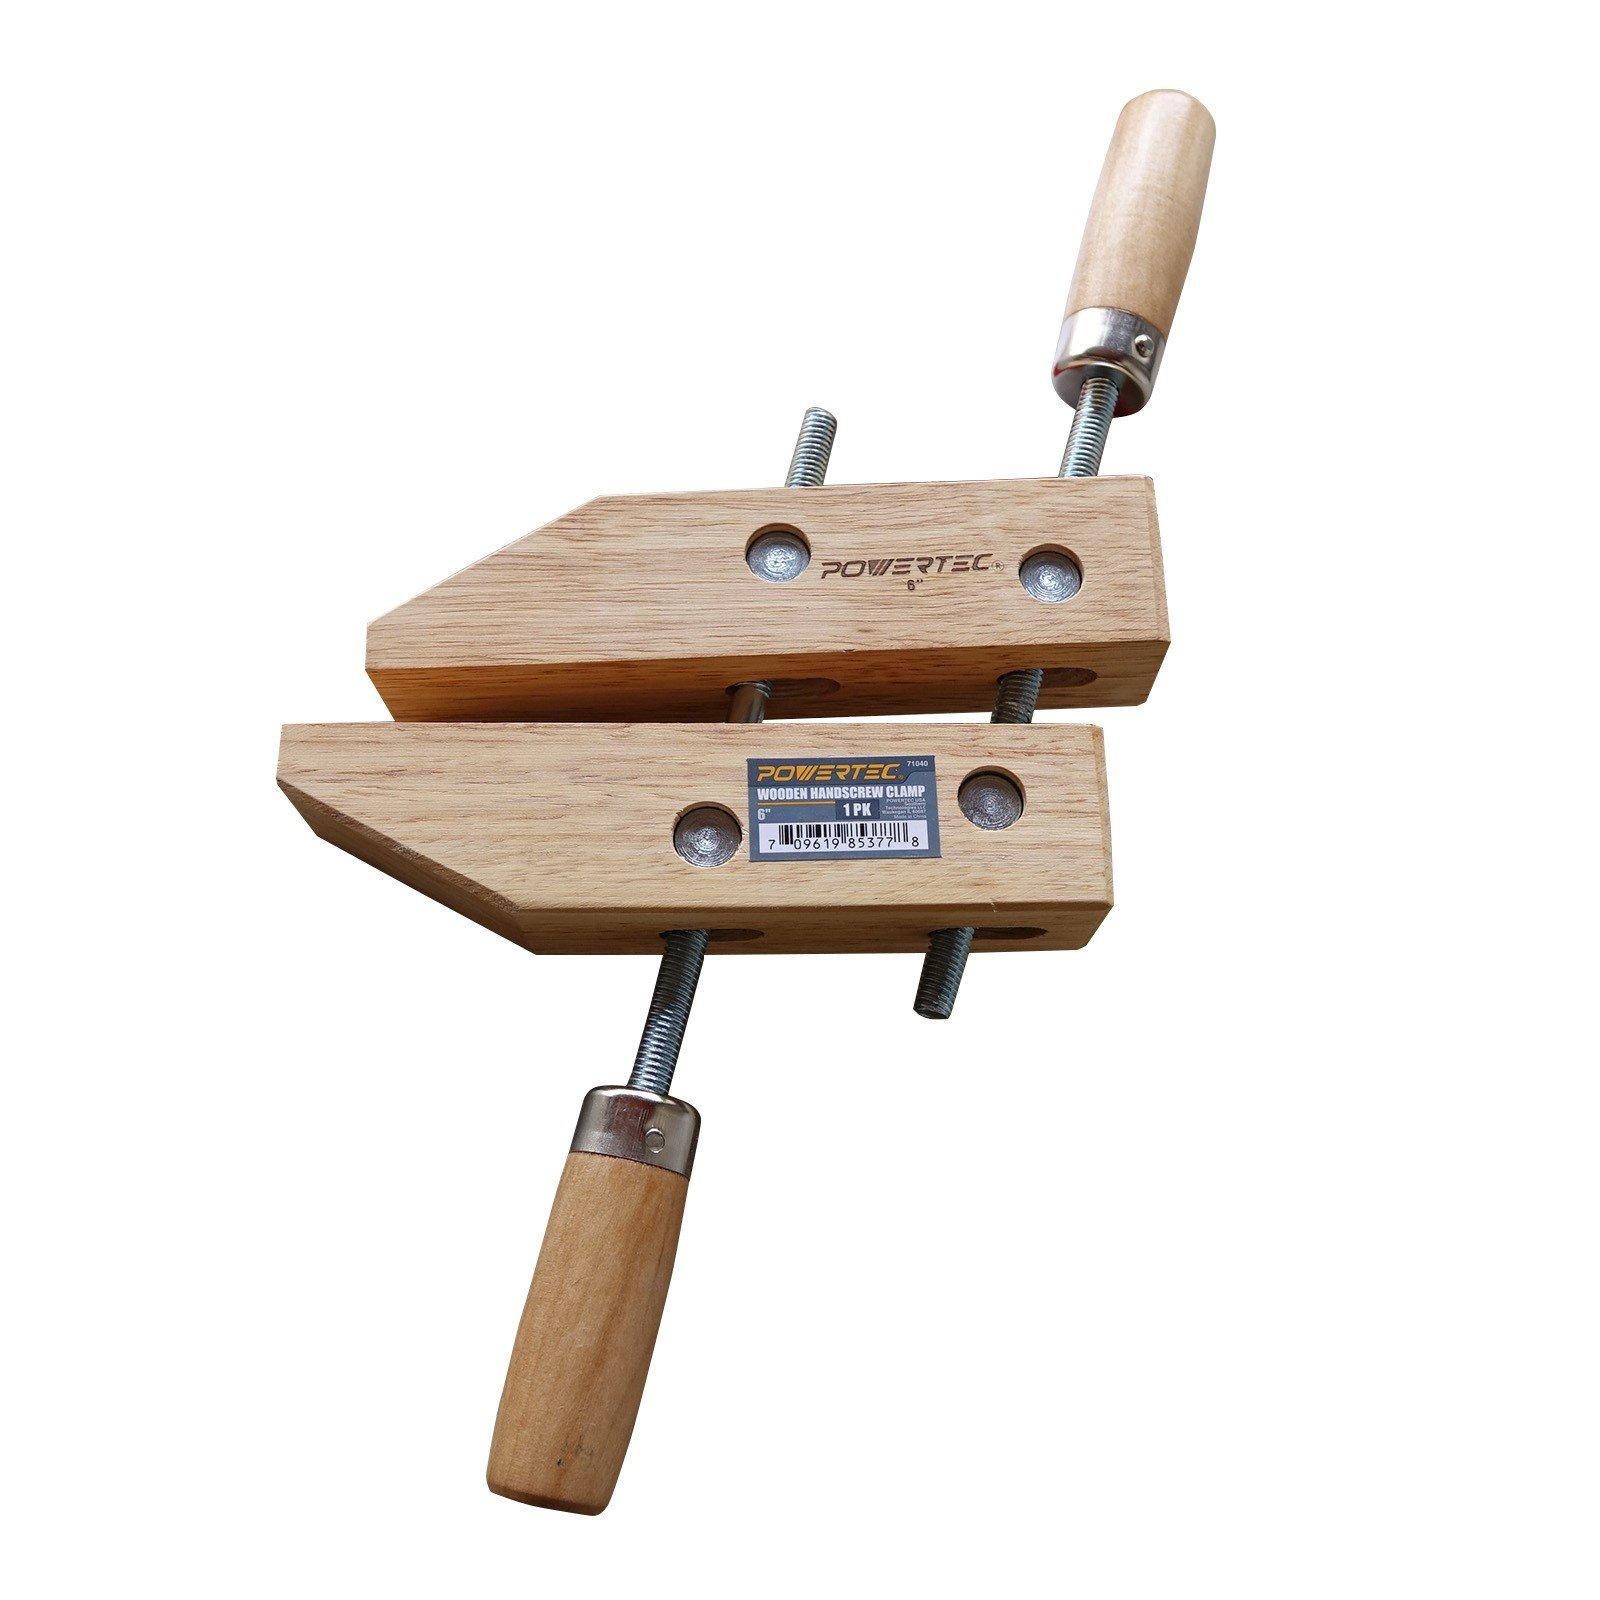 POWERTEC 71040 Wooden Handscrew Clamp